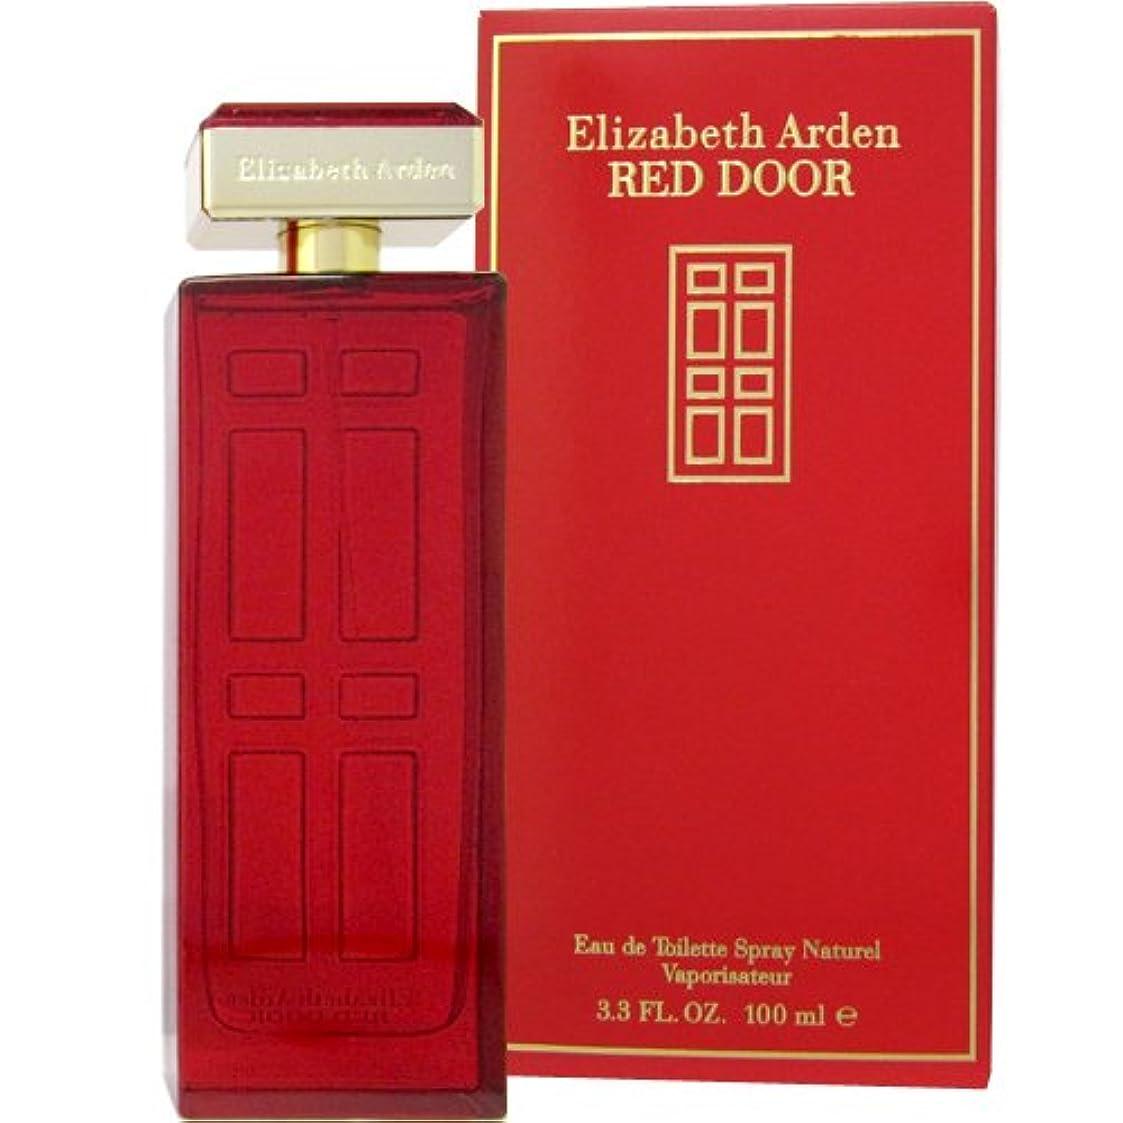 からかう起きている元に戻すエリザベス アーデン ELIZABETH ARDEN レッドドア 100ml EDT SP fs 【並行輸入品】